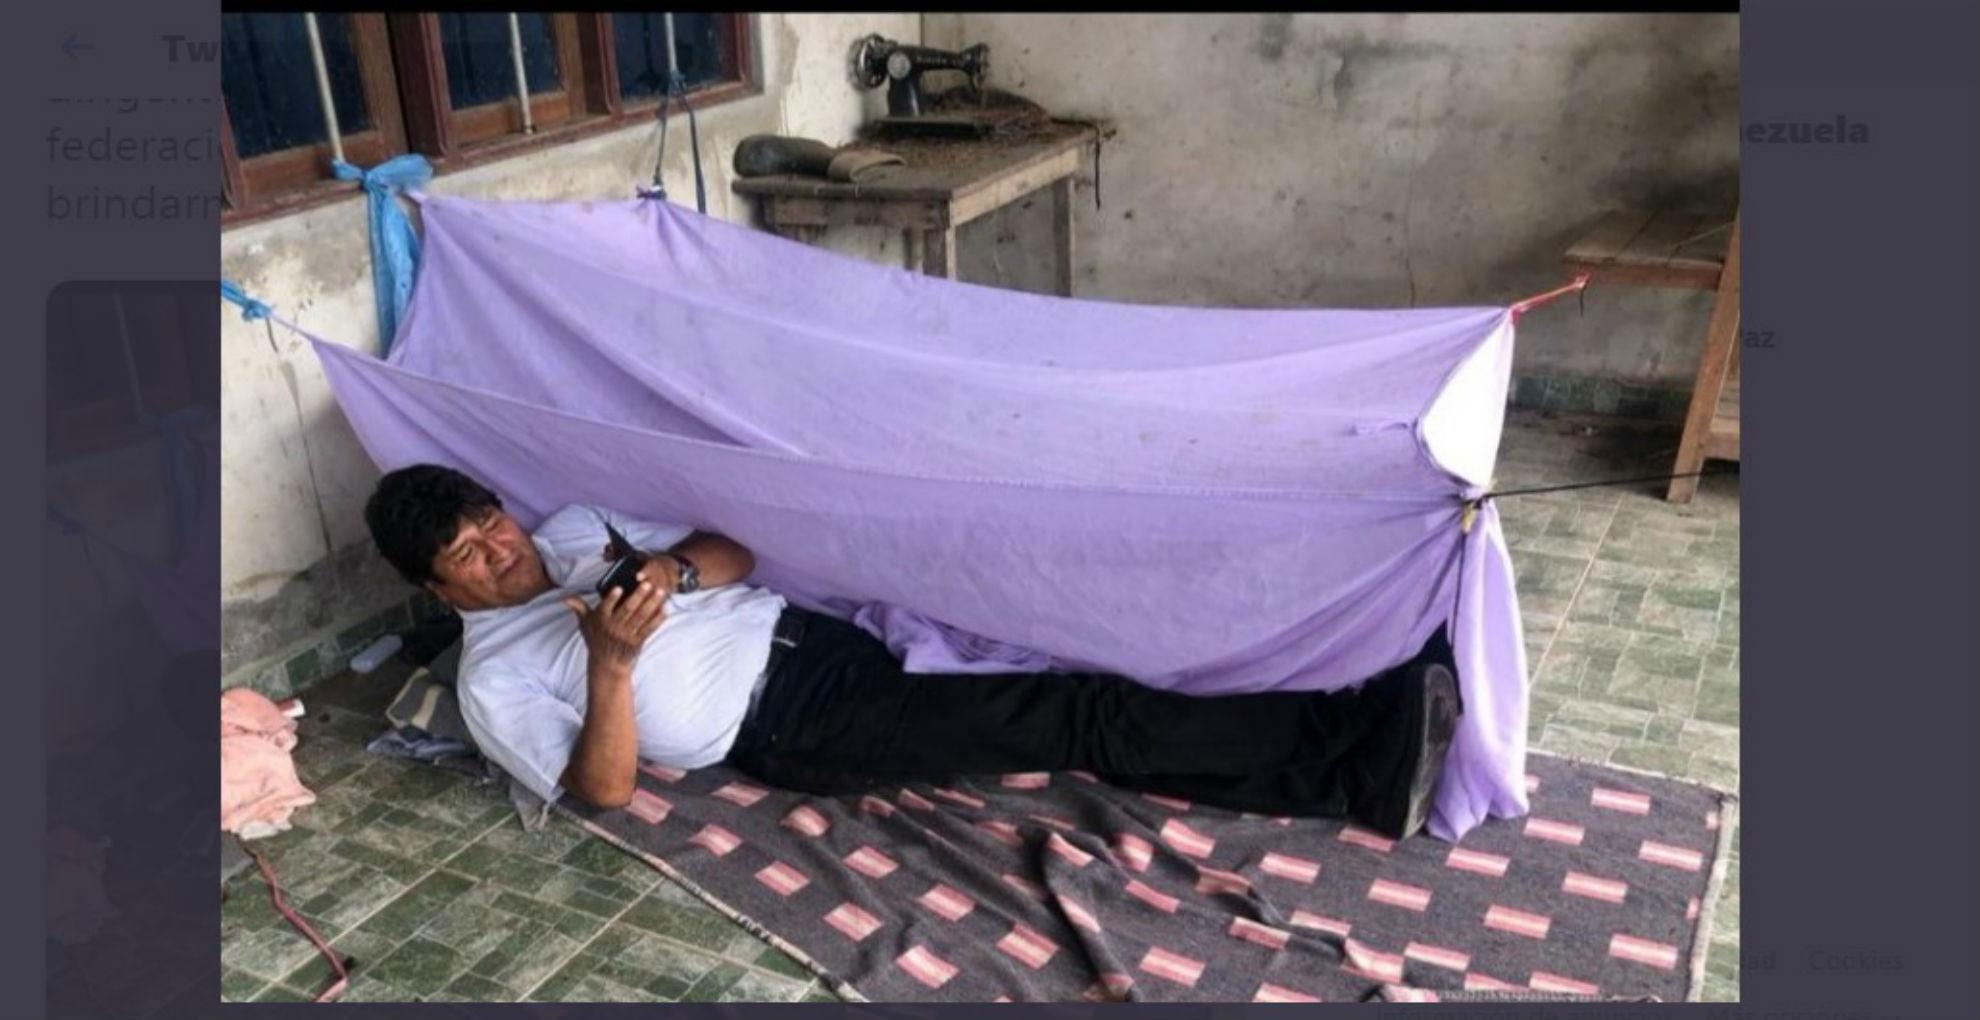 #VíctimaChallenge: El reto viral que inspiró Evo Morales al tuitear una absurda foto suya